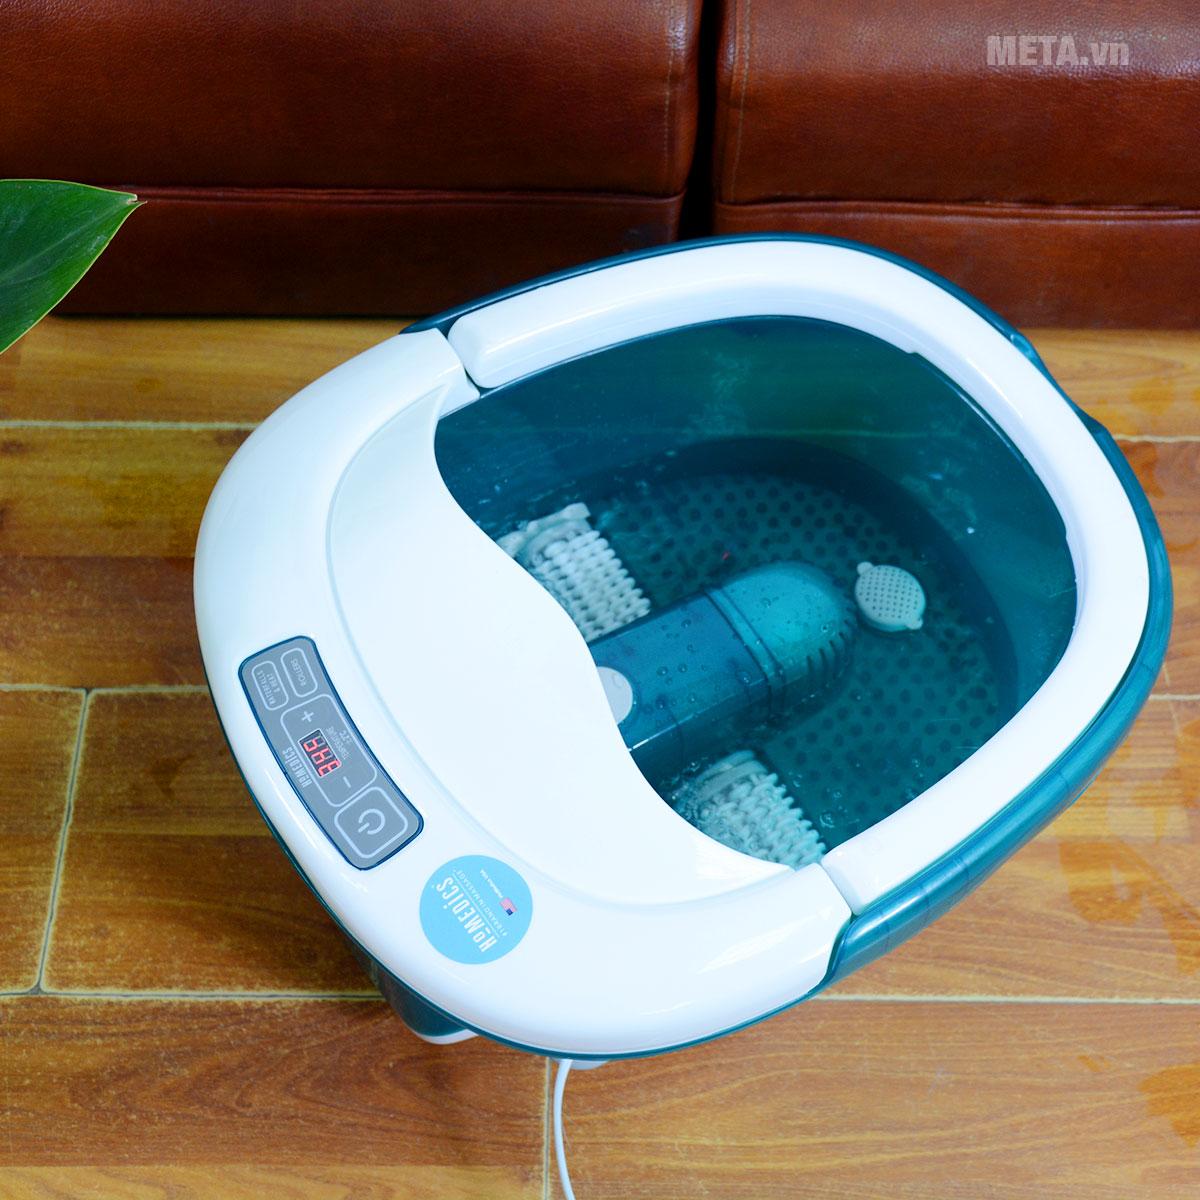 Bồn massage chân cao cấp HoMedics FB-650 có thể massage khô và ướt